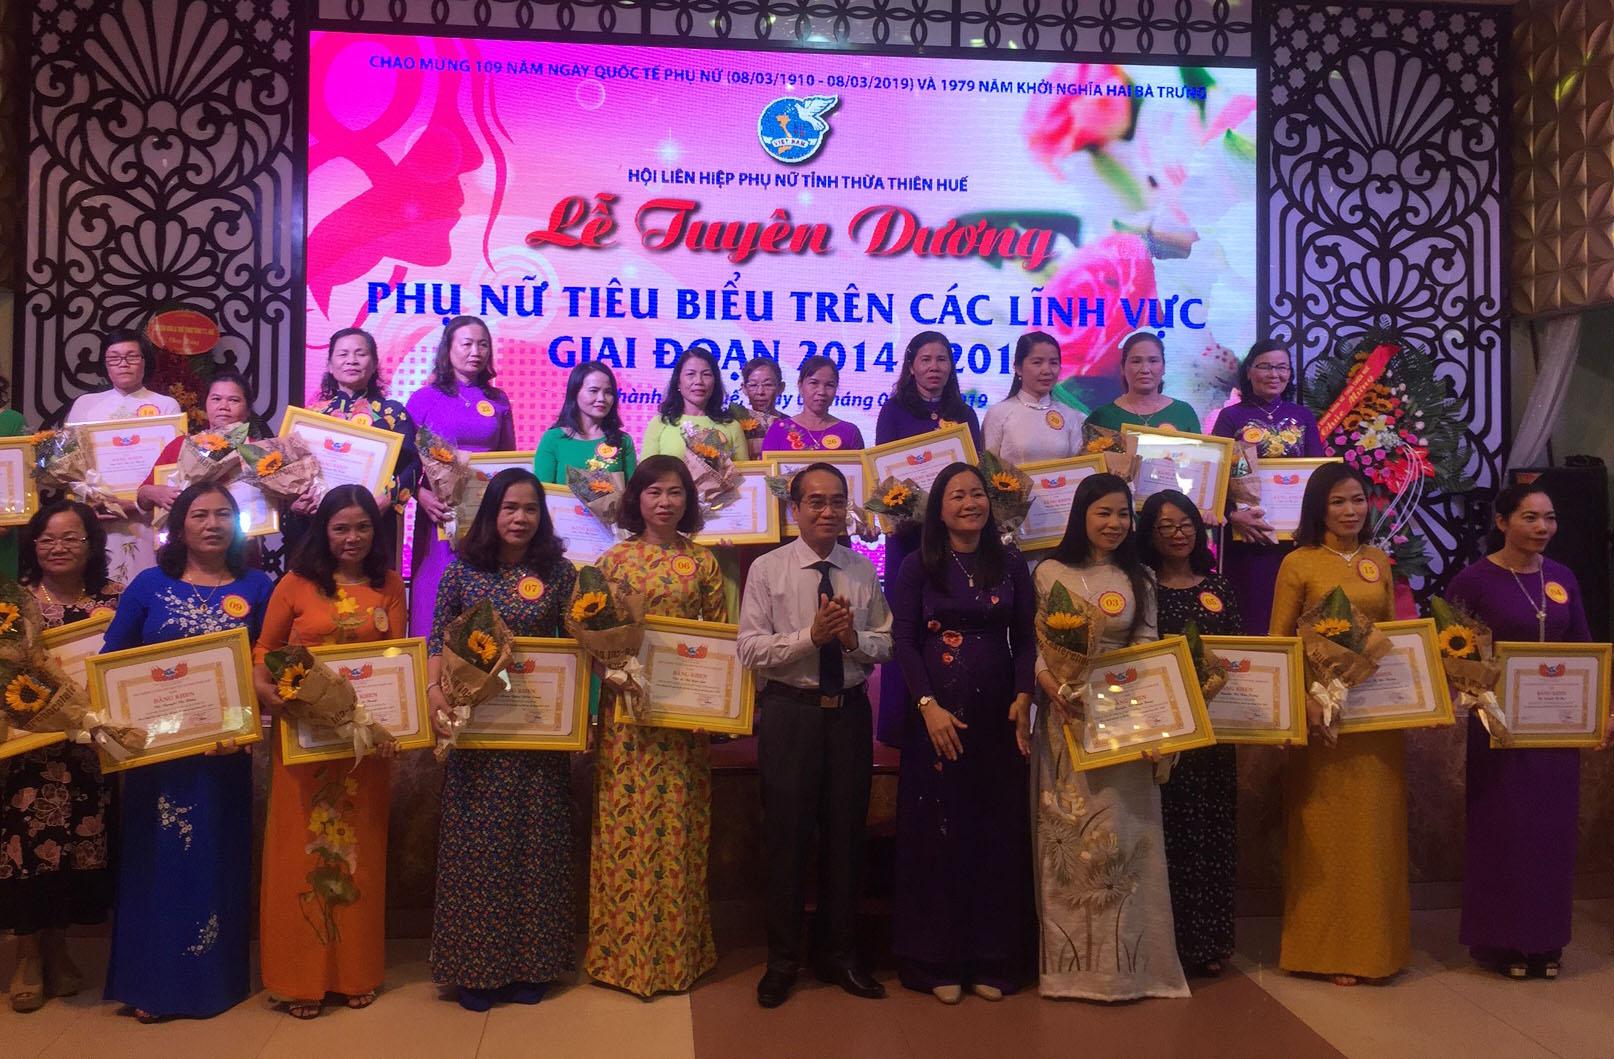 Thừa Thiên Huế tuyên dương phụ nữ tiêu biểu trên các lĩnh vực